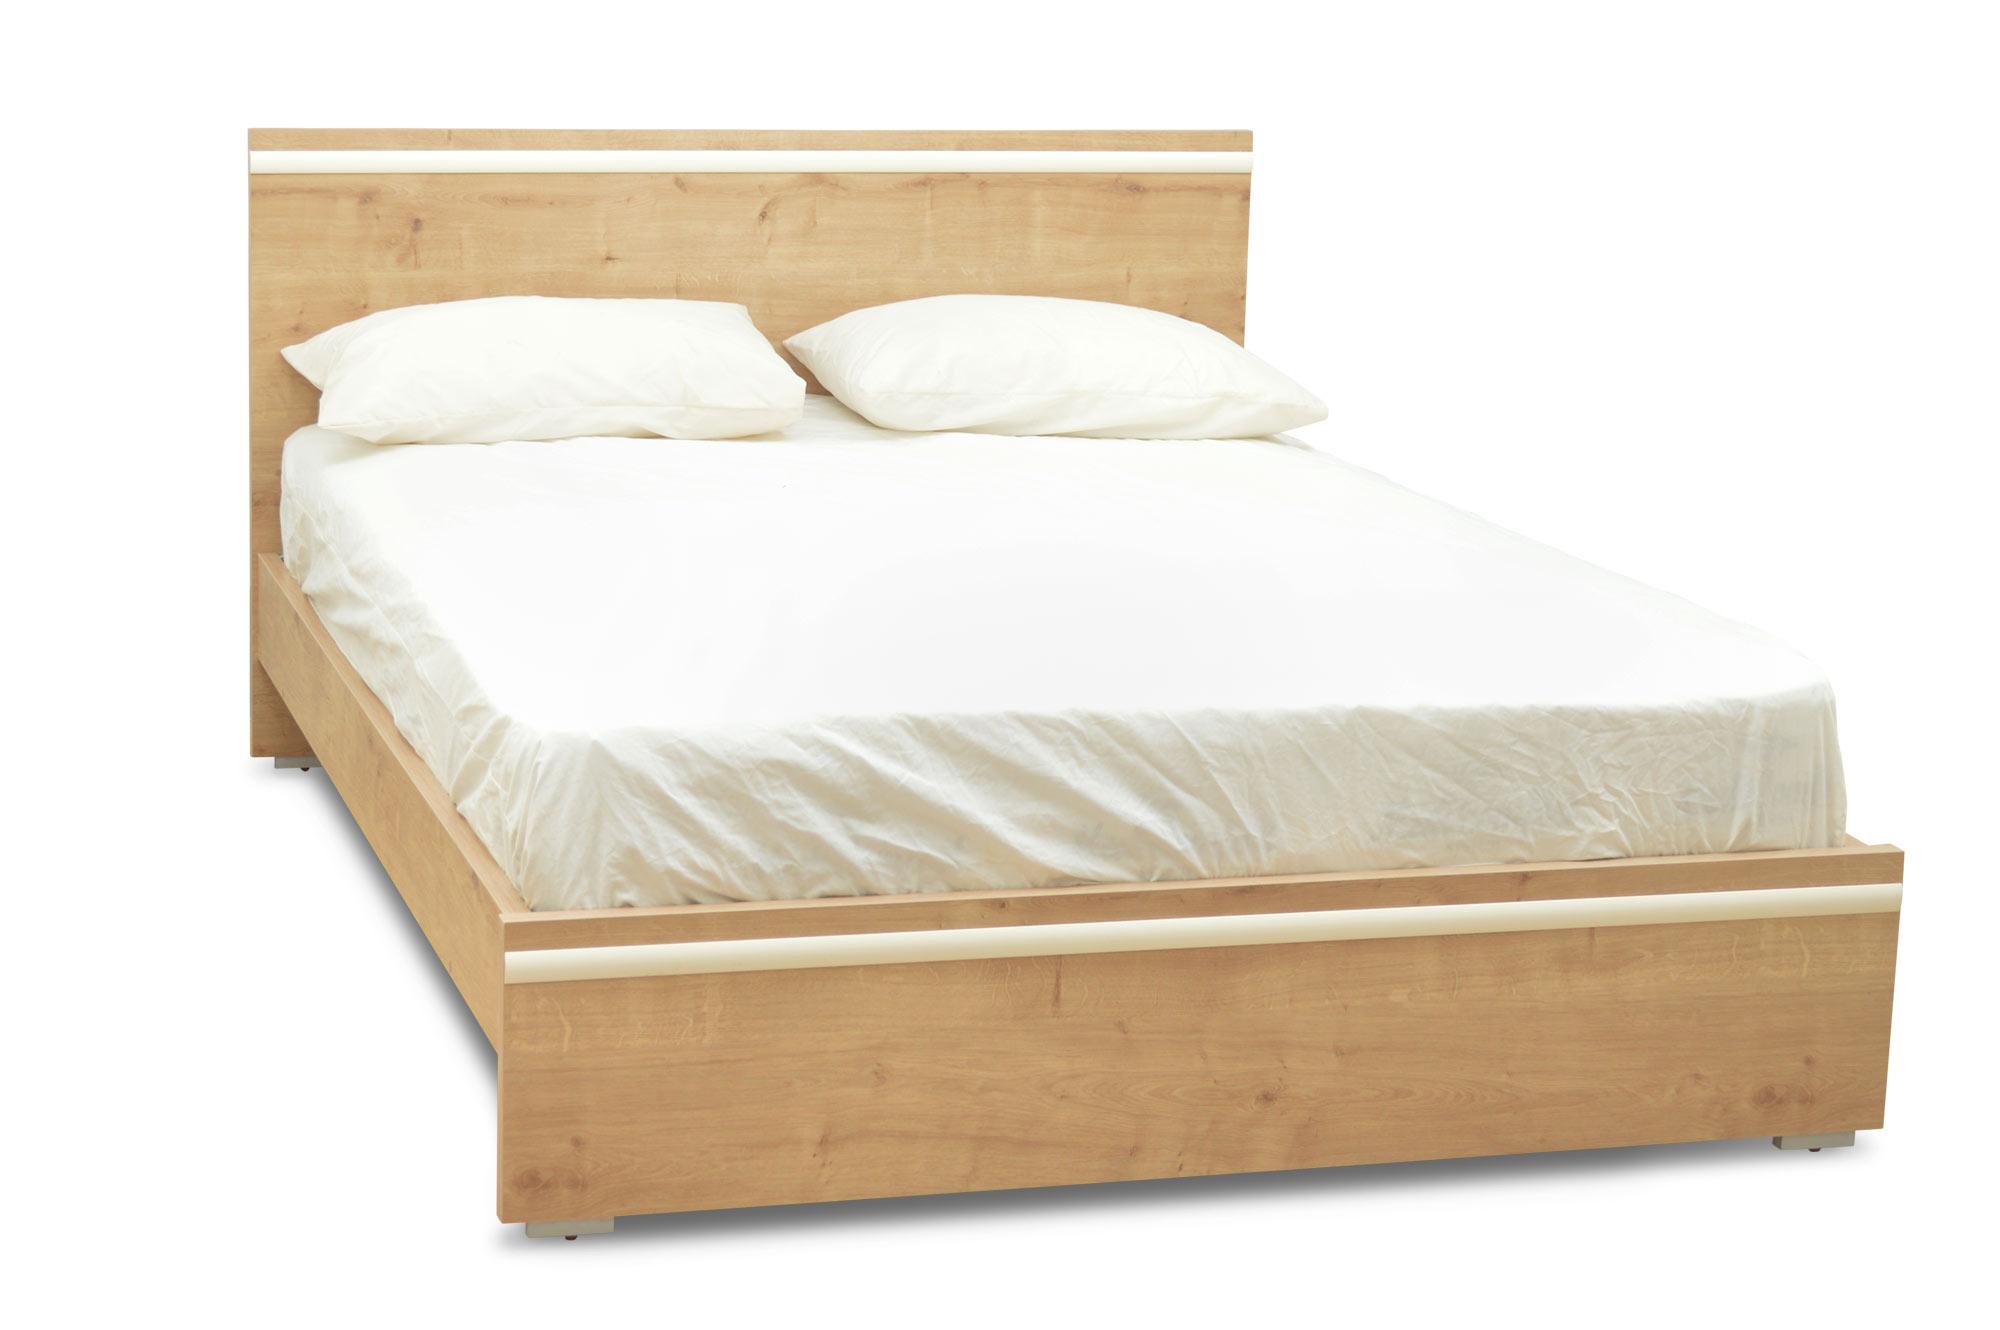 מיטה זוגית דגם כרמל פלוס פרופיל מעוגל